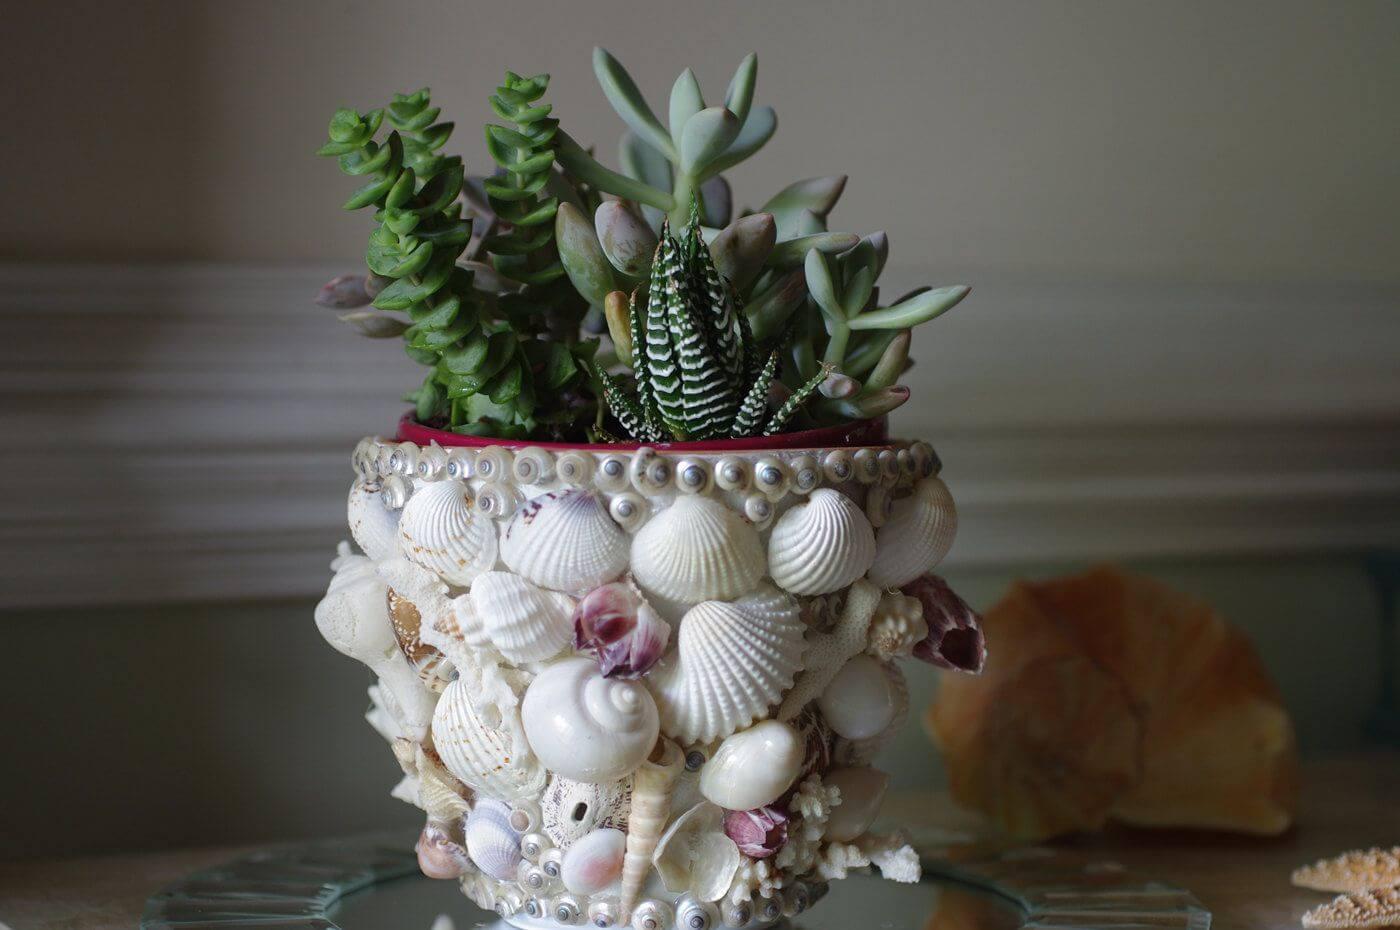 декор цветочного горшка своими руками фото покупают этих